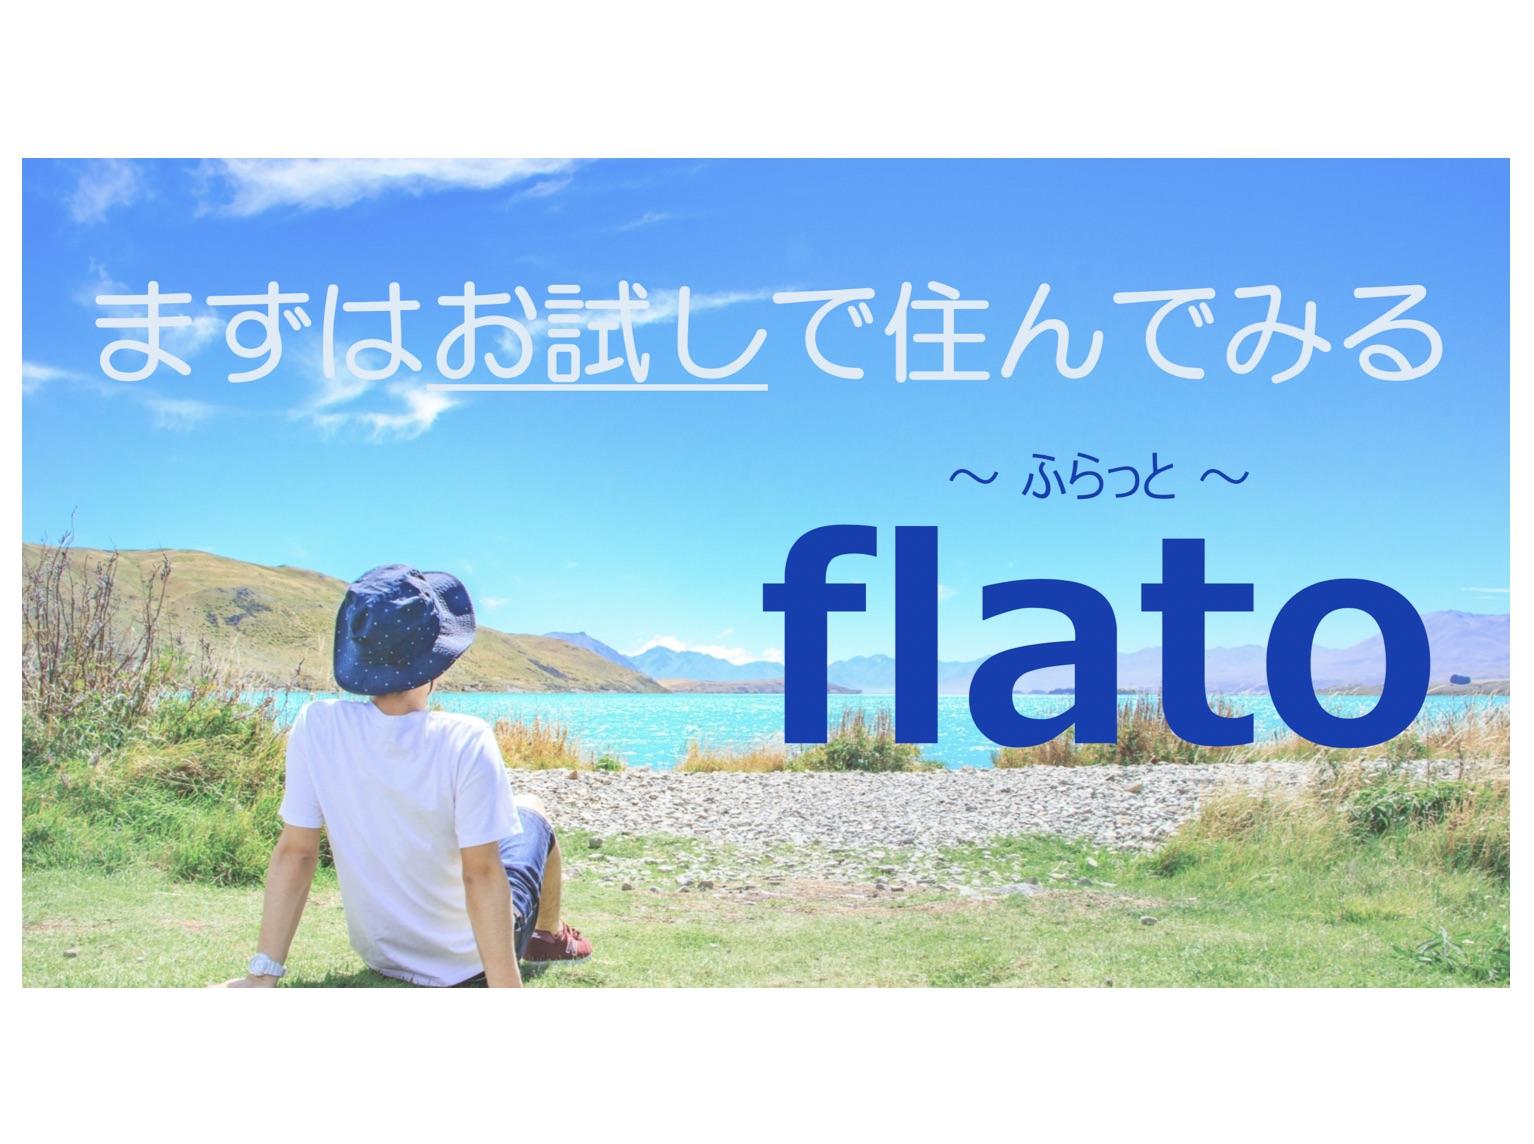 静岡県浜松市×関係人口プラットフォーム「flato」、1か月のお試し移住の実証実験を2020年に開始